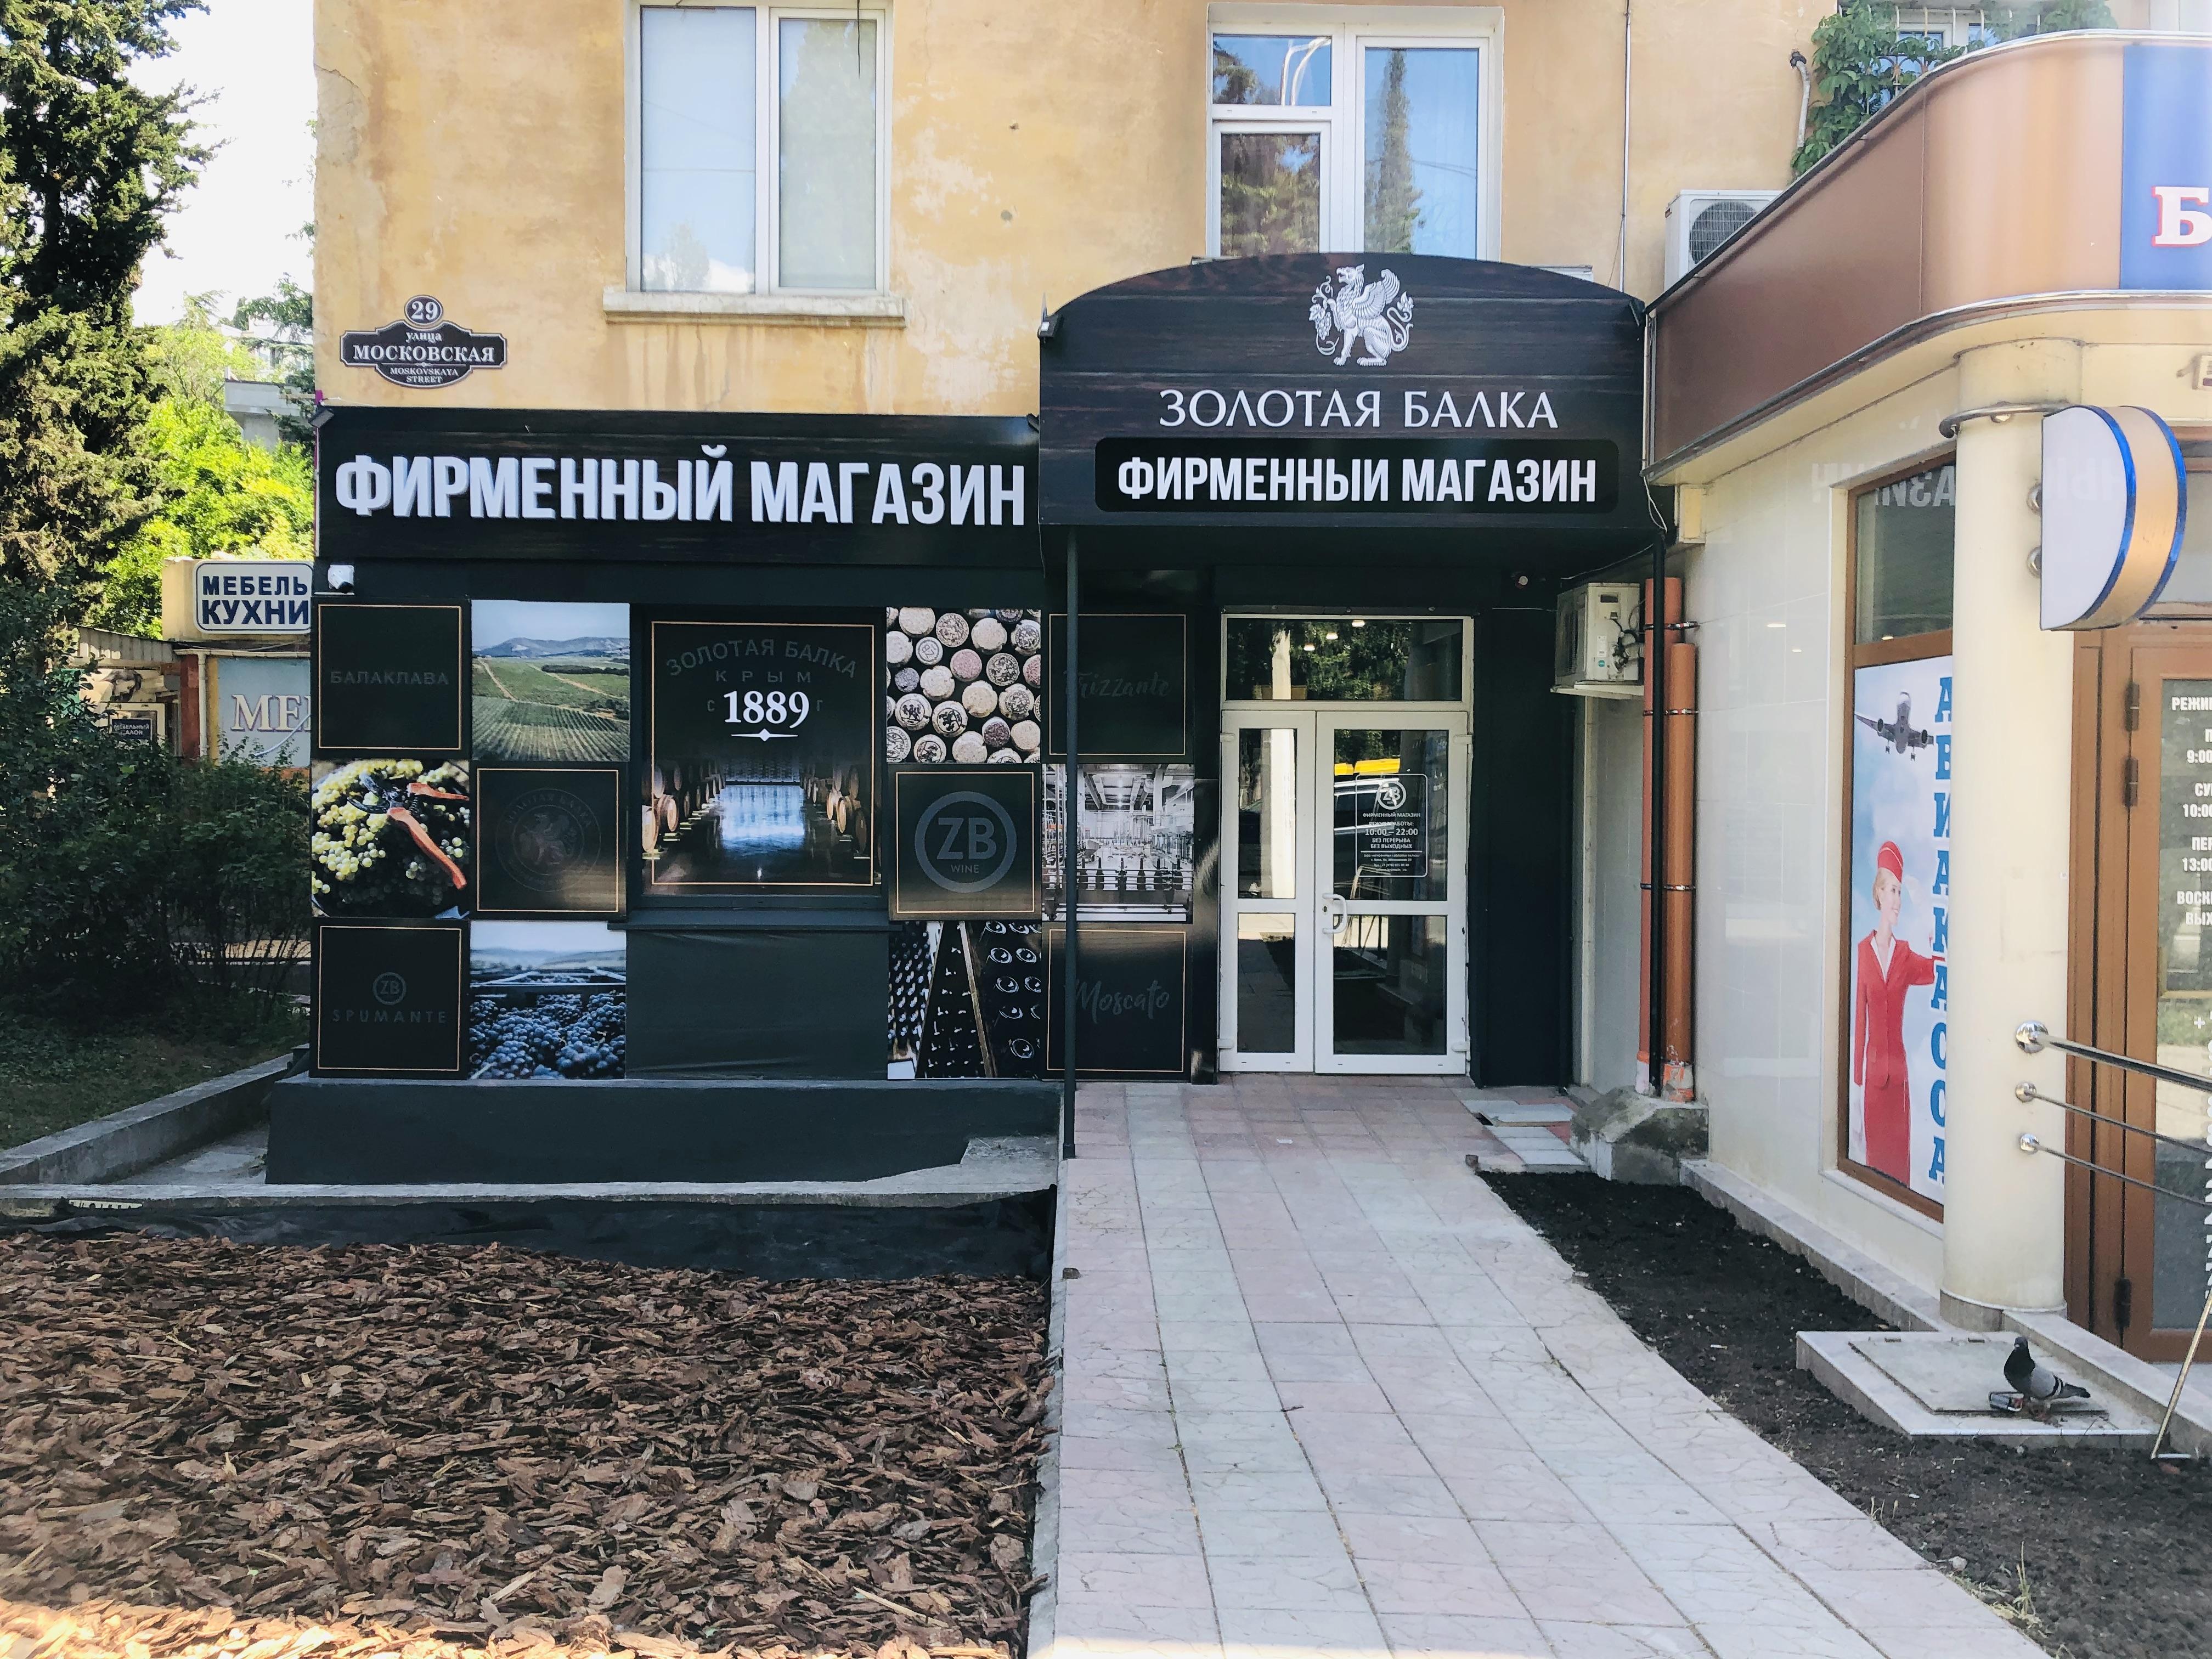 Золотая Балка Официальный Магазин